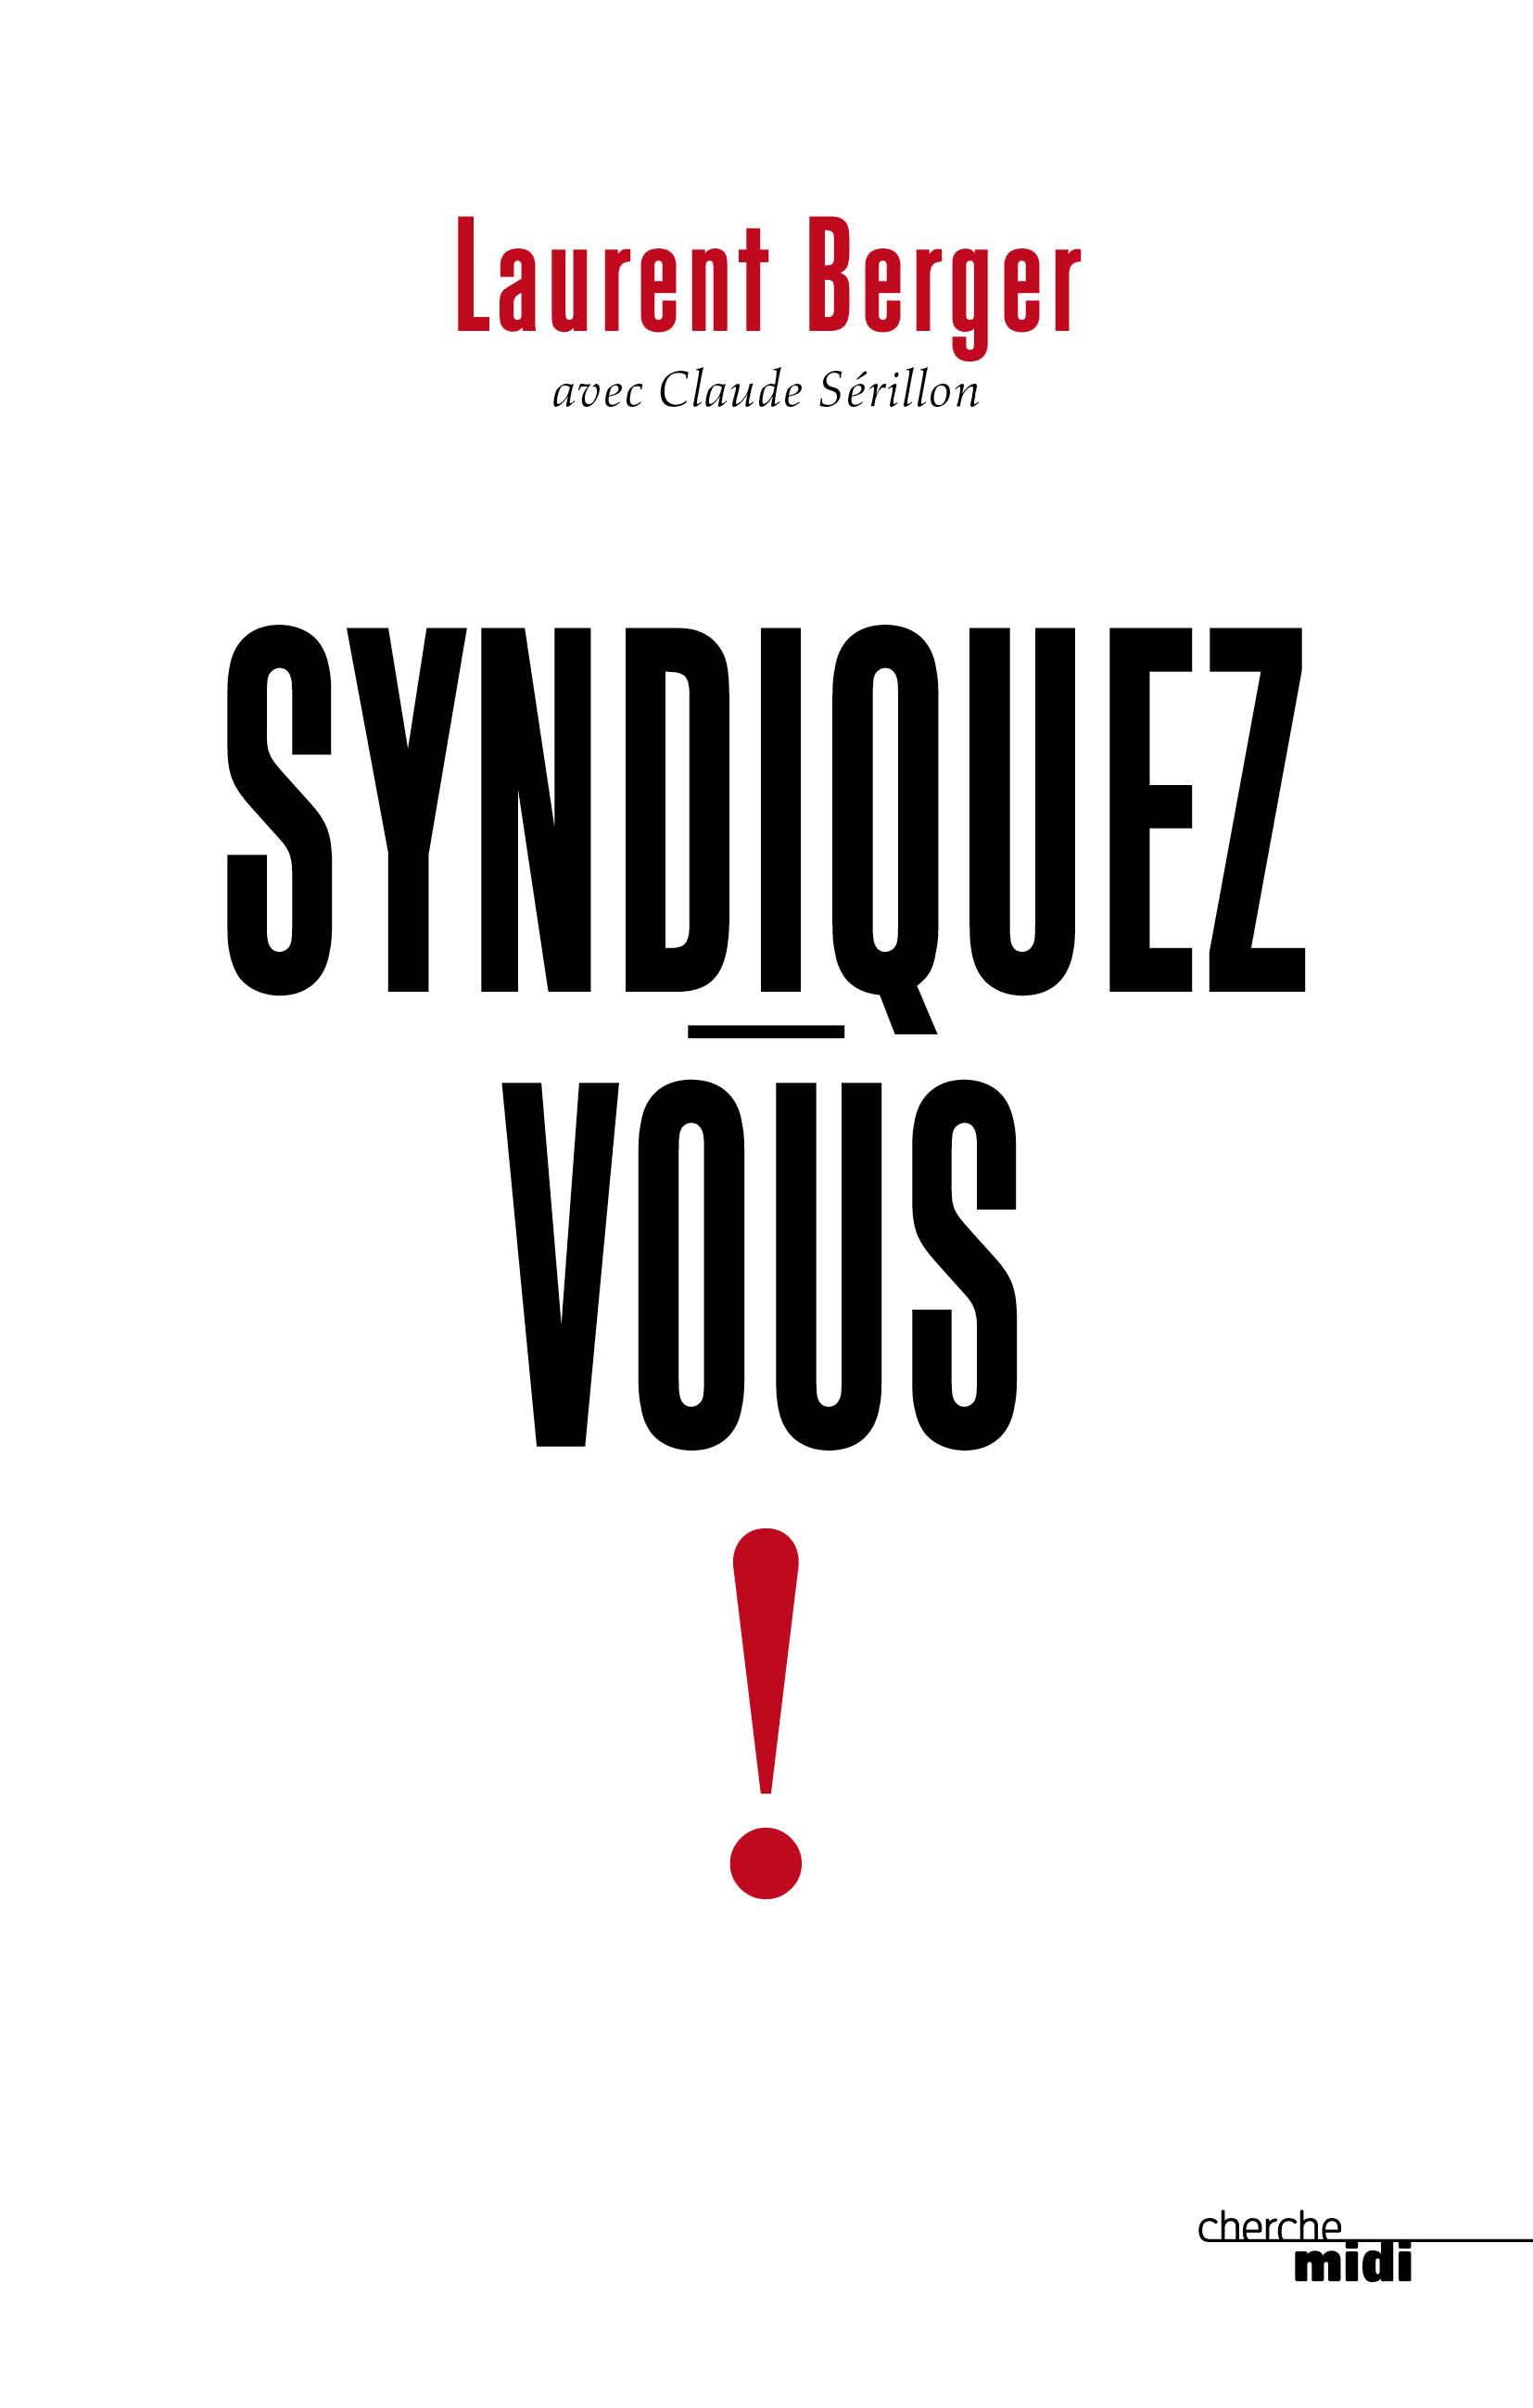 SYNDIQUEZ-VOUS CV